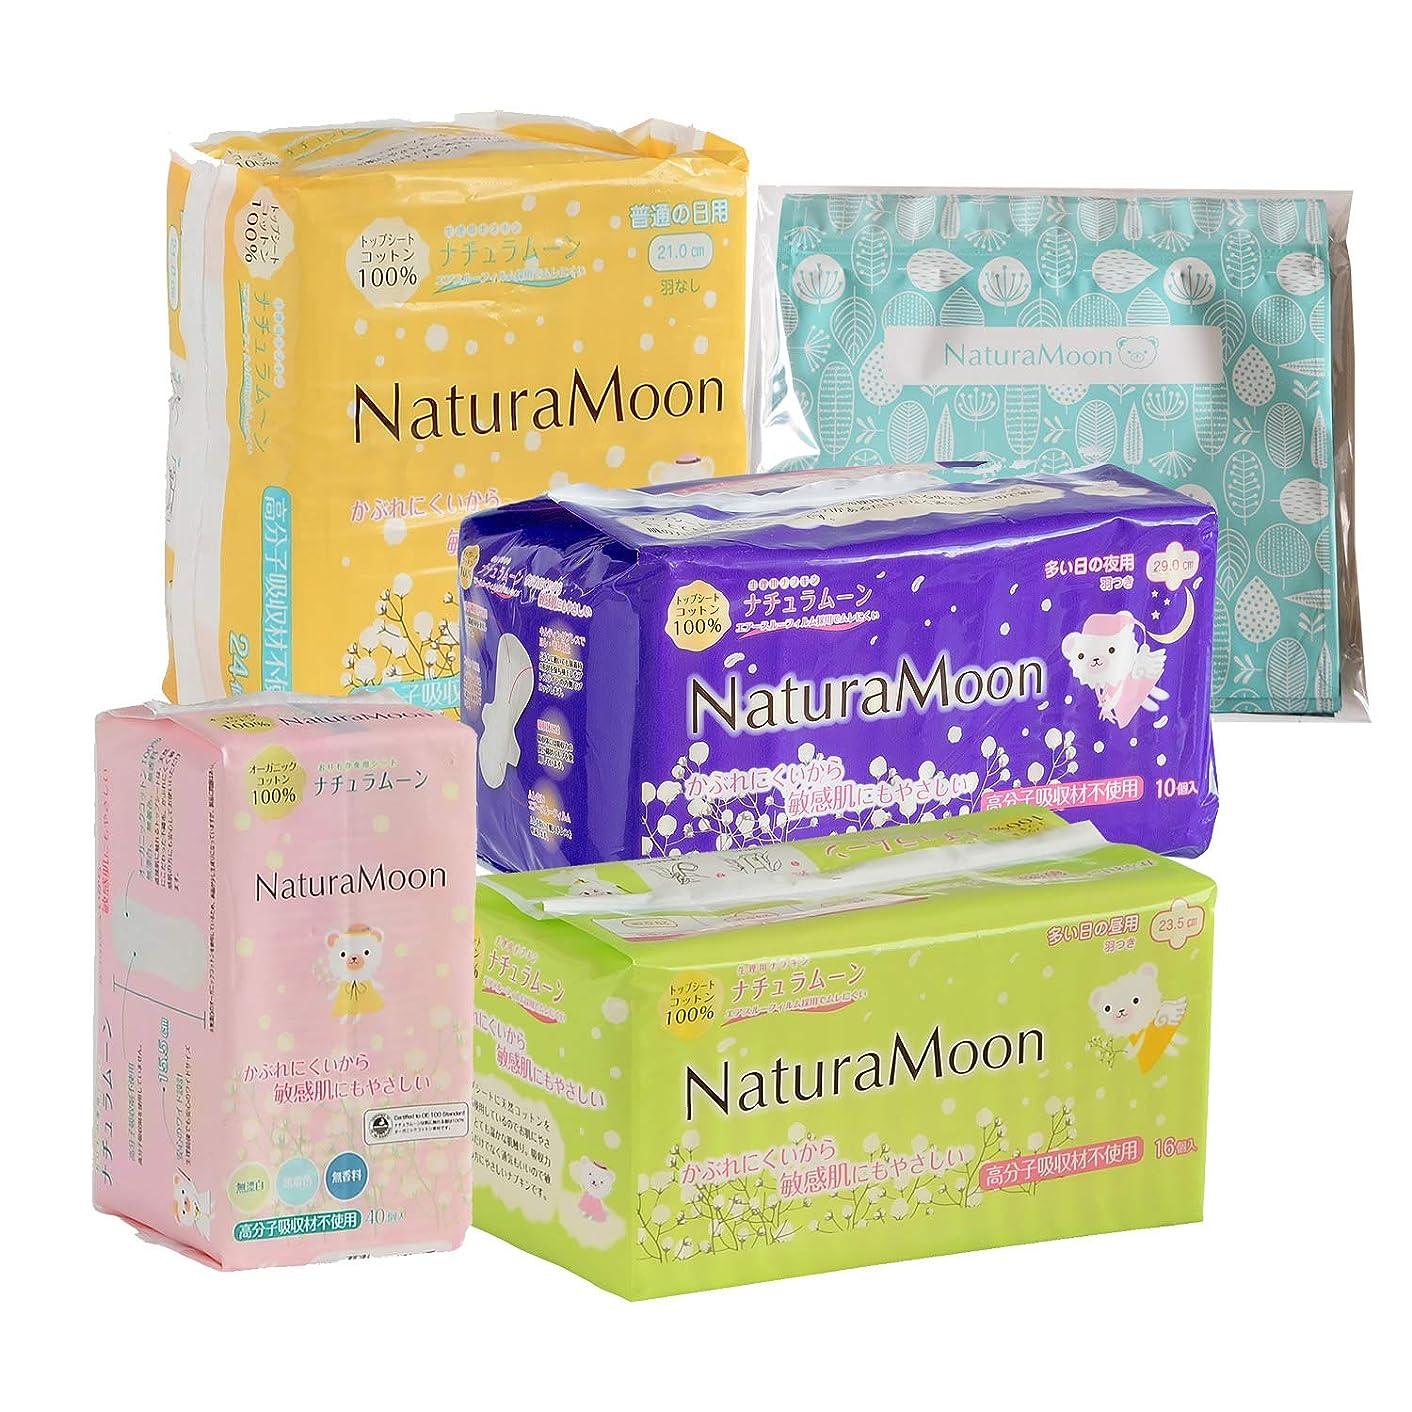 味わう以下折ナチュラムーン (NaturaMoon) 生理用ナプキン スターターセット 高分子吸収剤不使用 ノンポリマー 生理用品 使い捨て布ナプキン 紙ナプキン